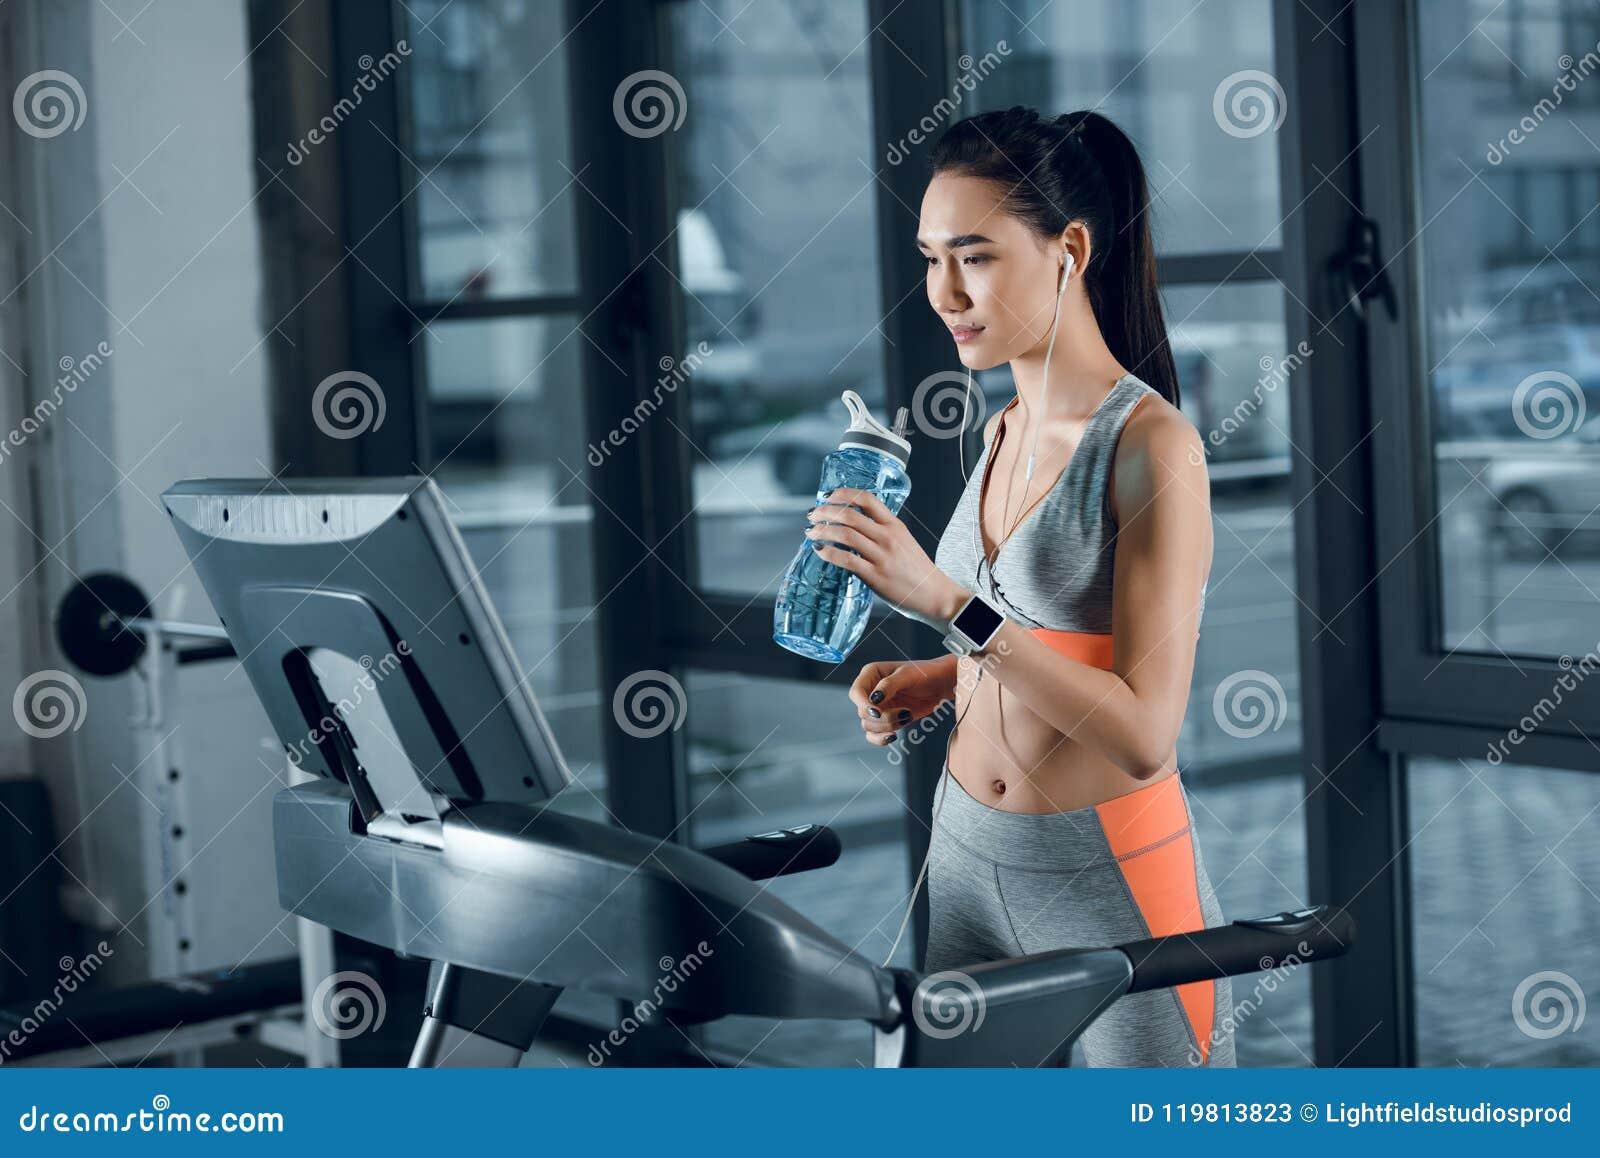 Acqua potabile della sportiva atletica giovane mentre pareggiando sulla pedana mobile